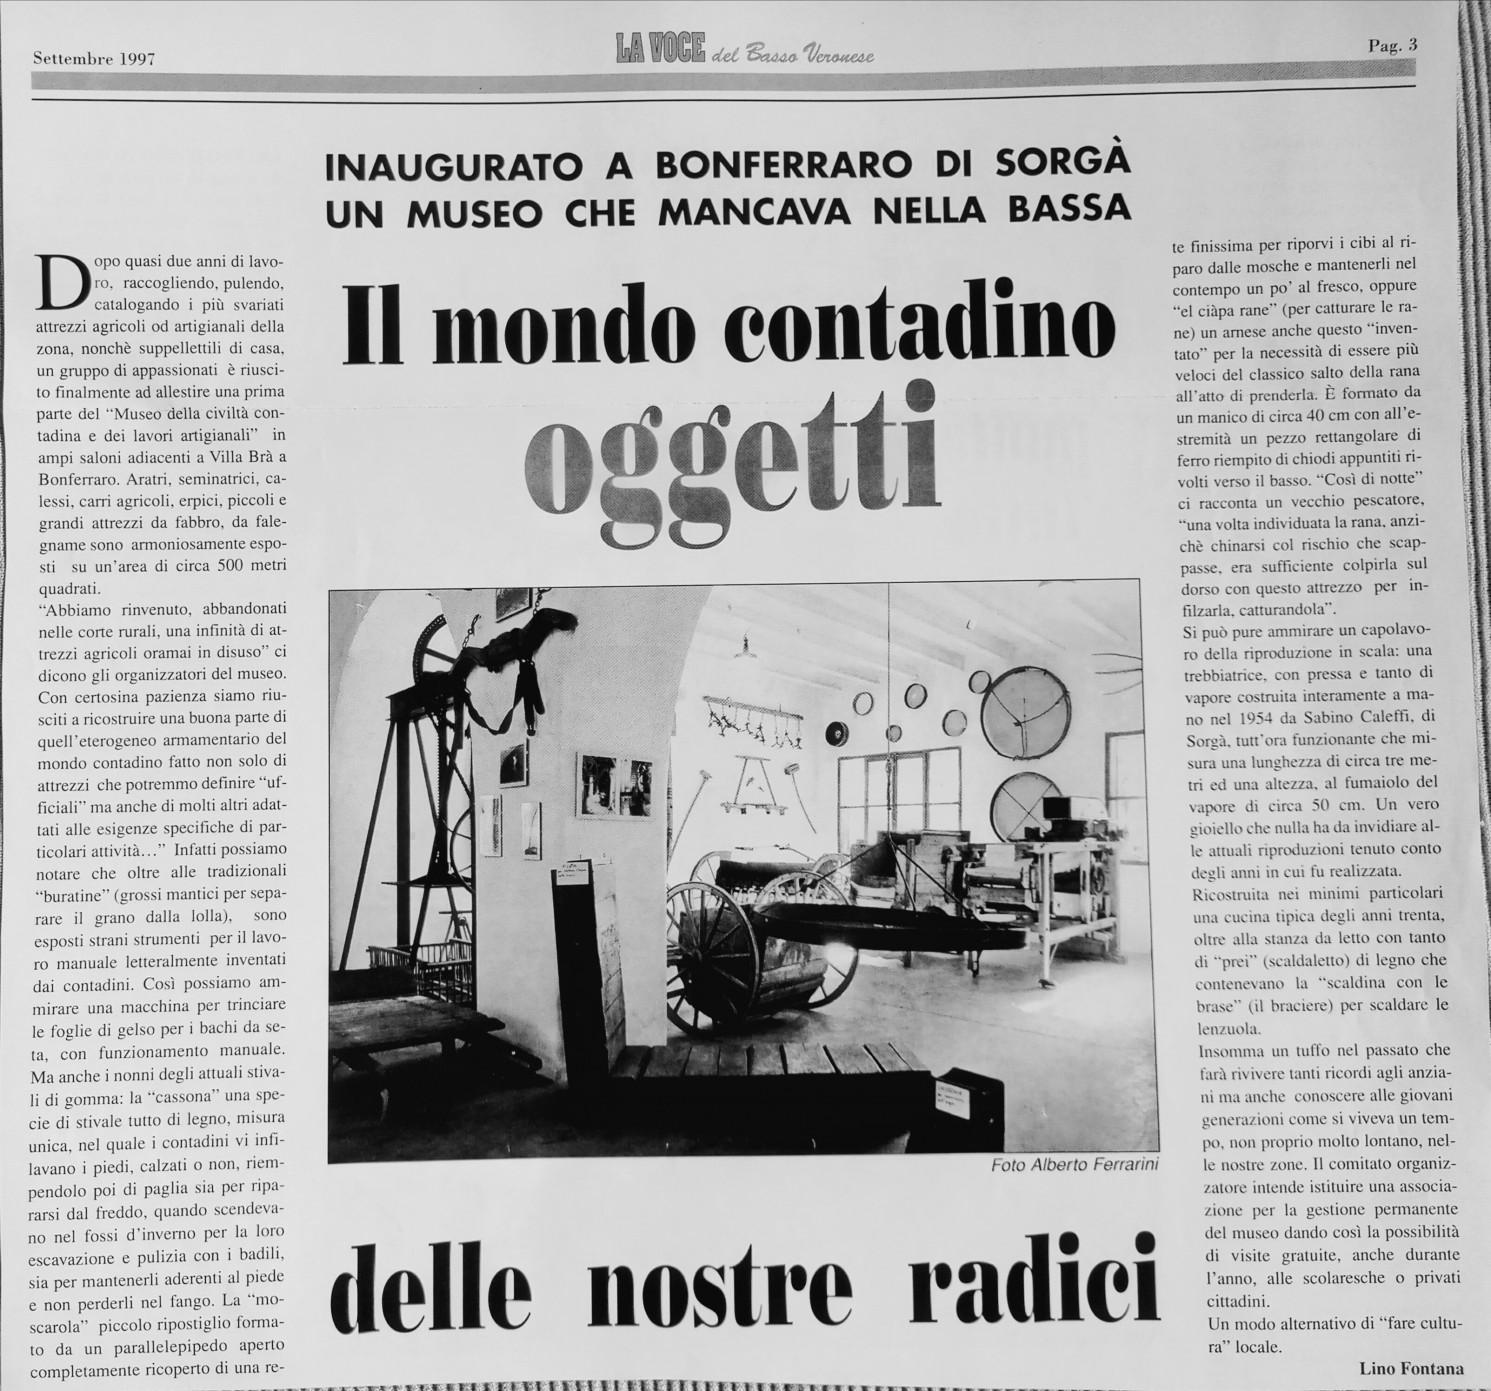 Settembre 1997 su La Voce del Basso Veronese